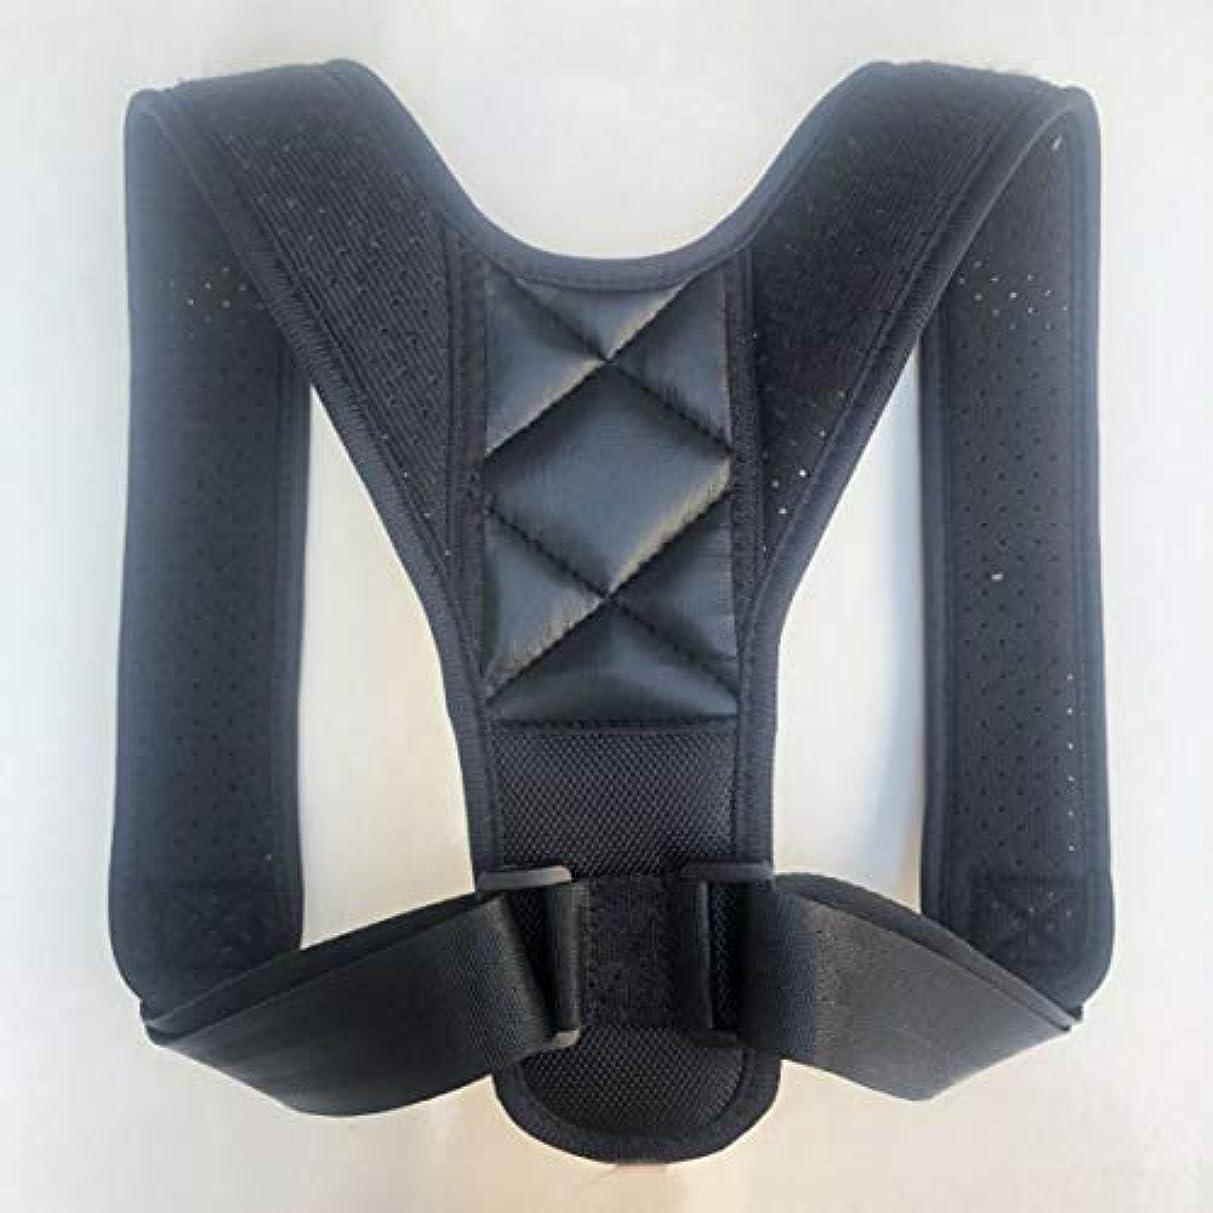 常習者許す利用可能アッパーバックポスチャーコレクター姿勢鎖骨サポートコレクターバックストレートショルダーブレースストラップコレクター - ブラック